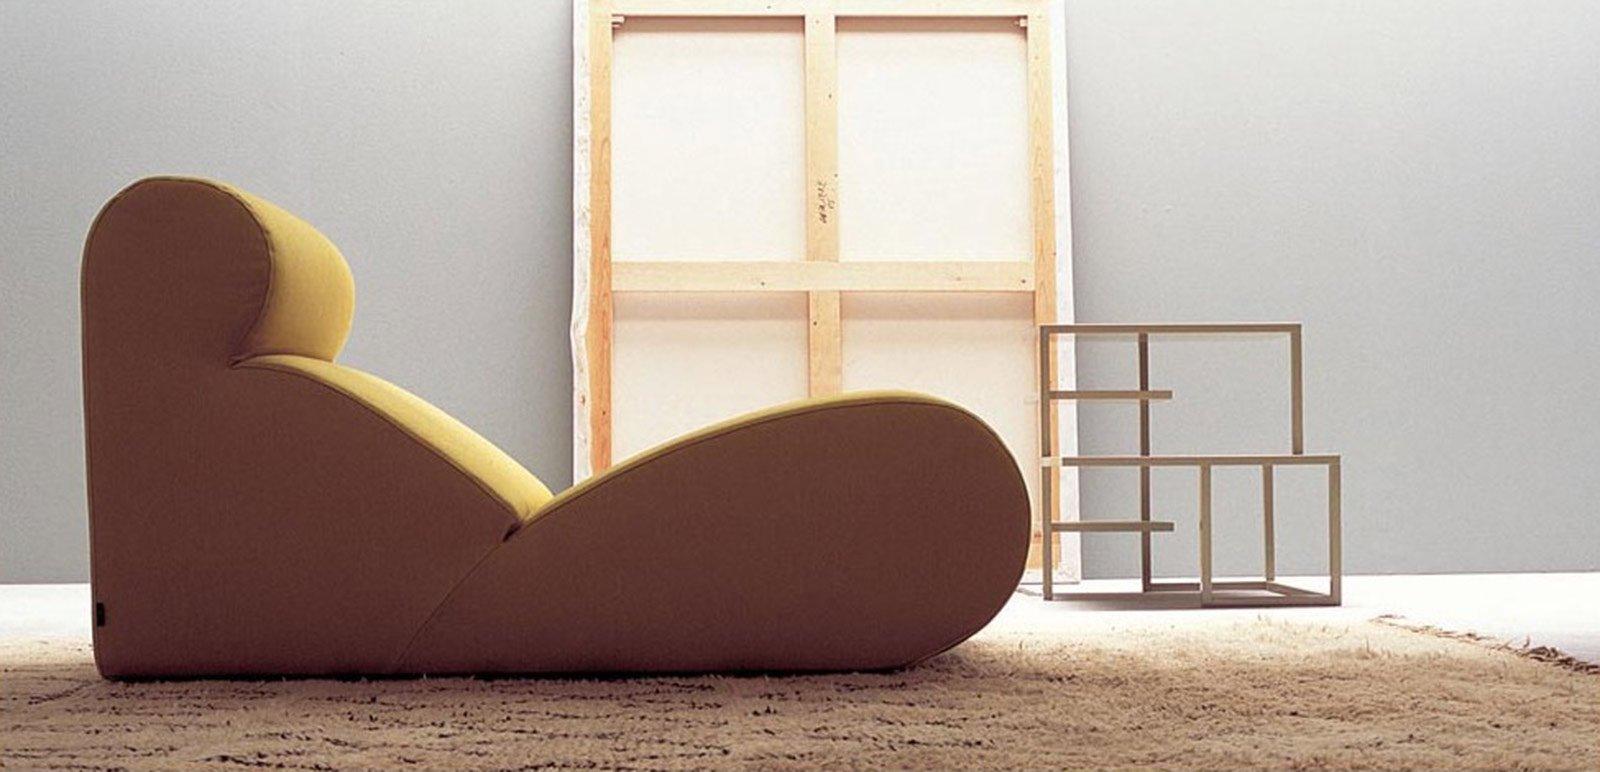 La poltrona a modo tuo: relax sulla chaise longue - Cose di Casa on chaise recliner chair, chaise sofa sleeper, chaise furniture,